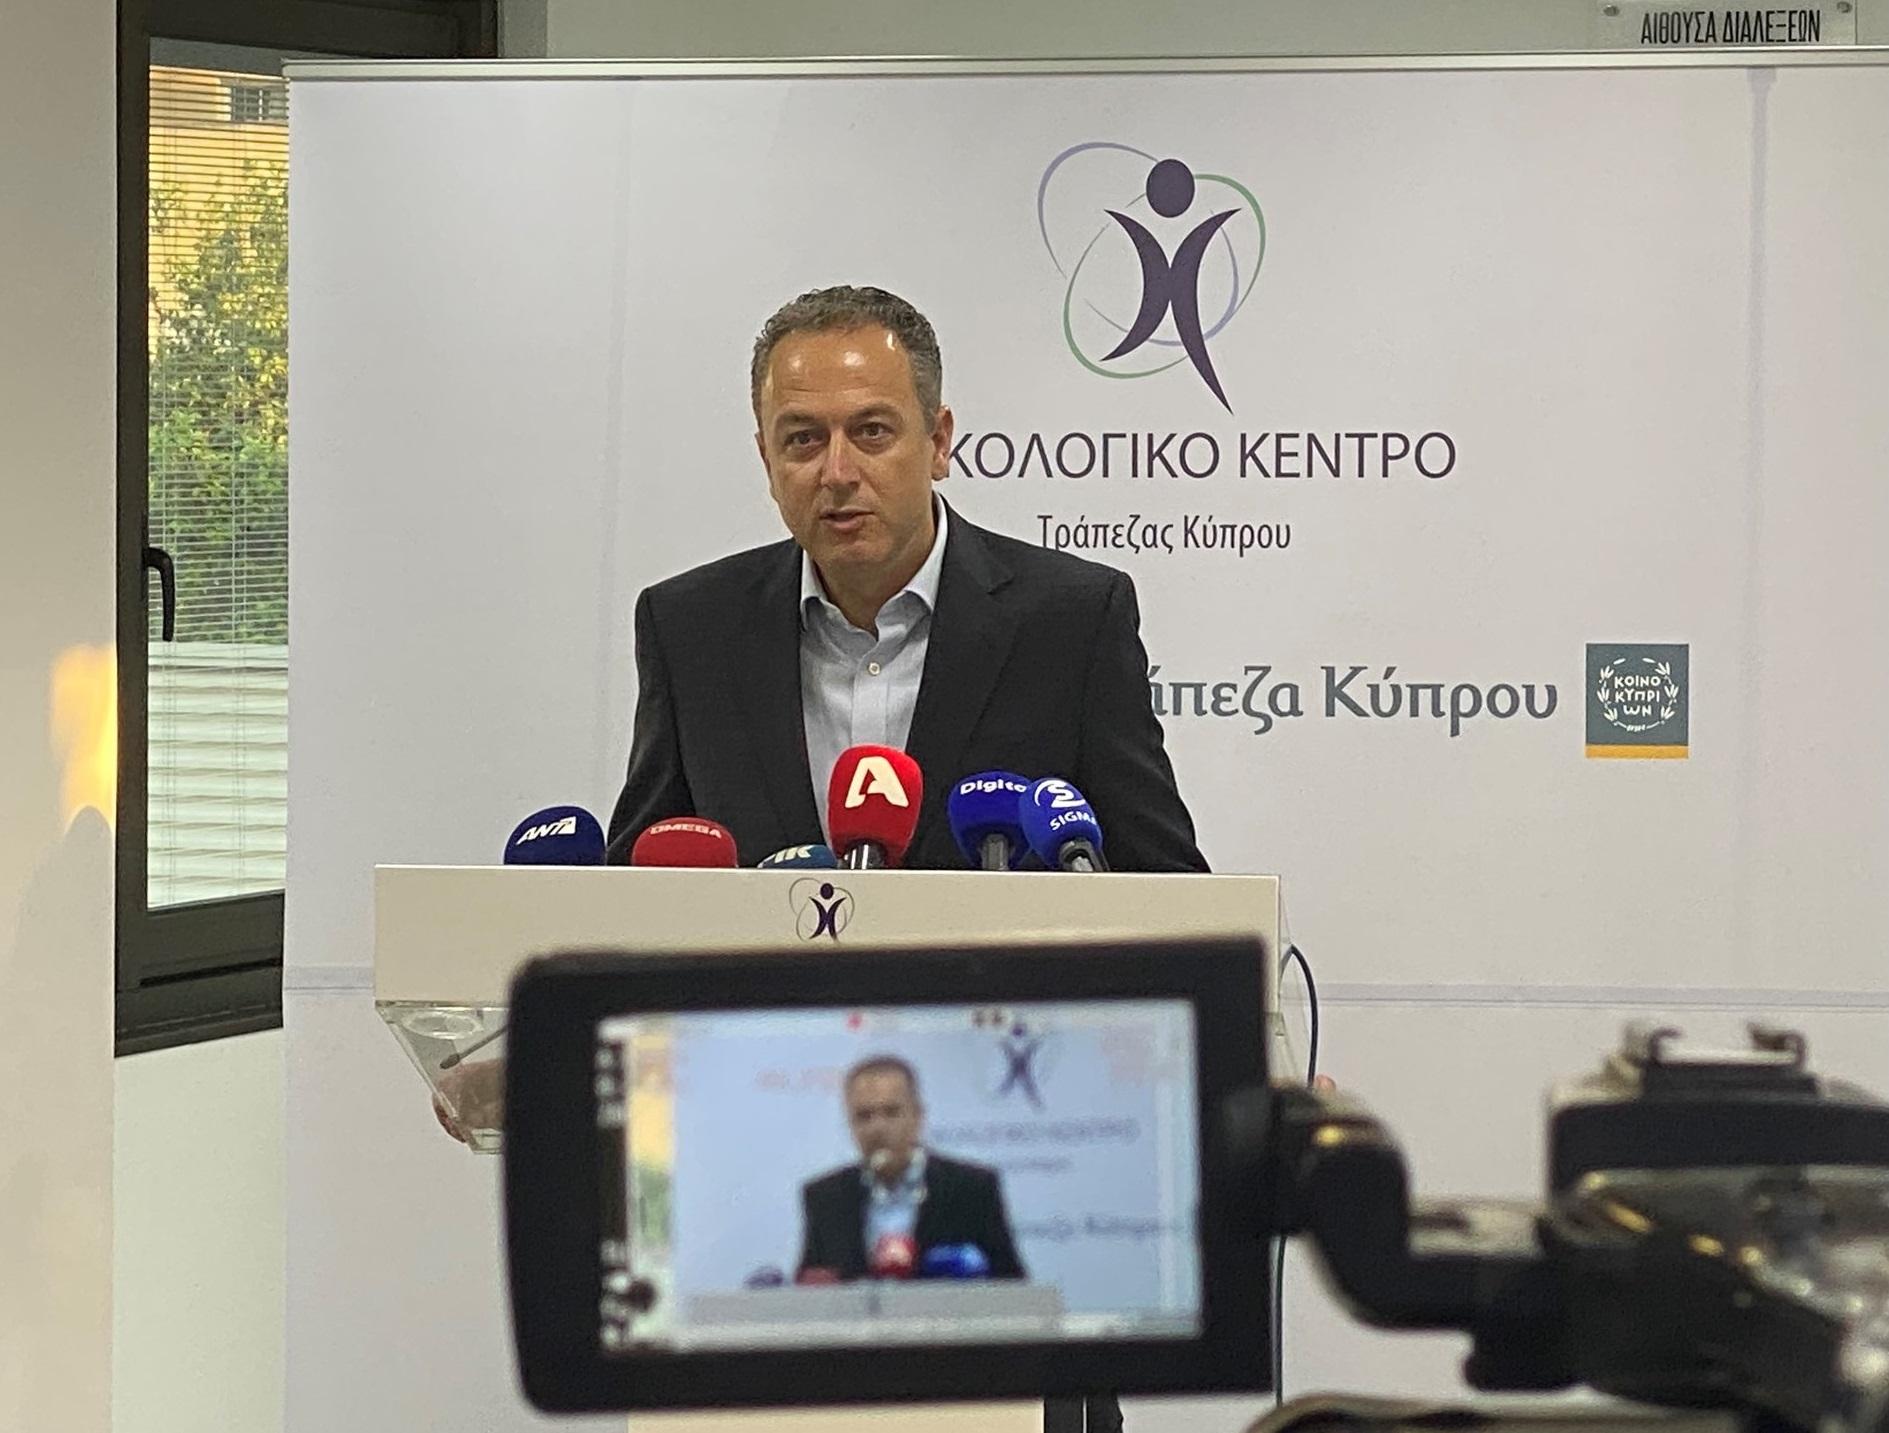 Επενδύσεις πέραν των €70 εκατ. στο Ογκολογικό Κέντρο Τράπεζας Κύπρου